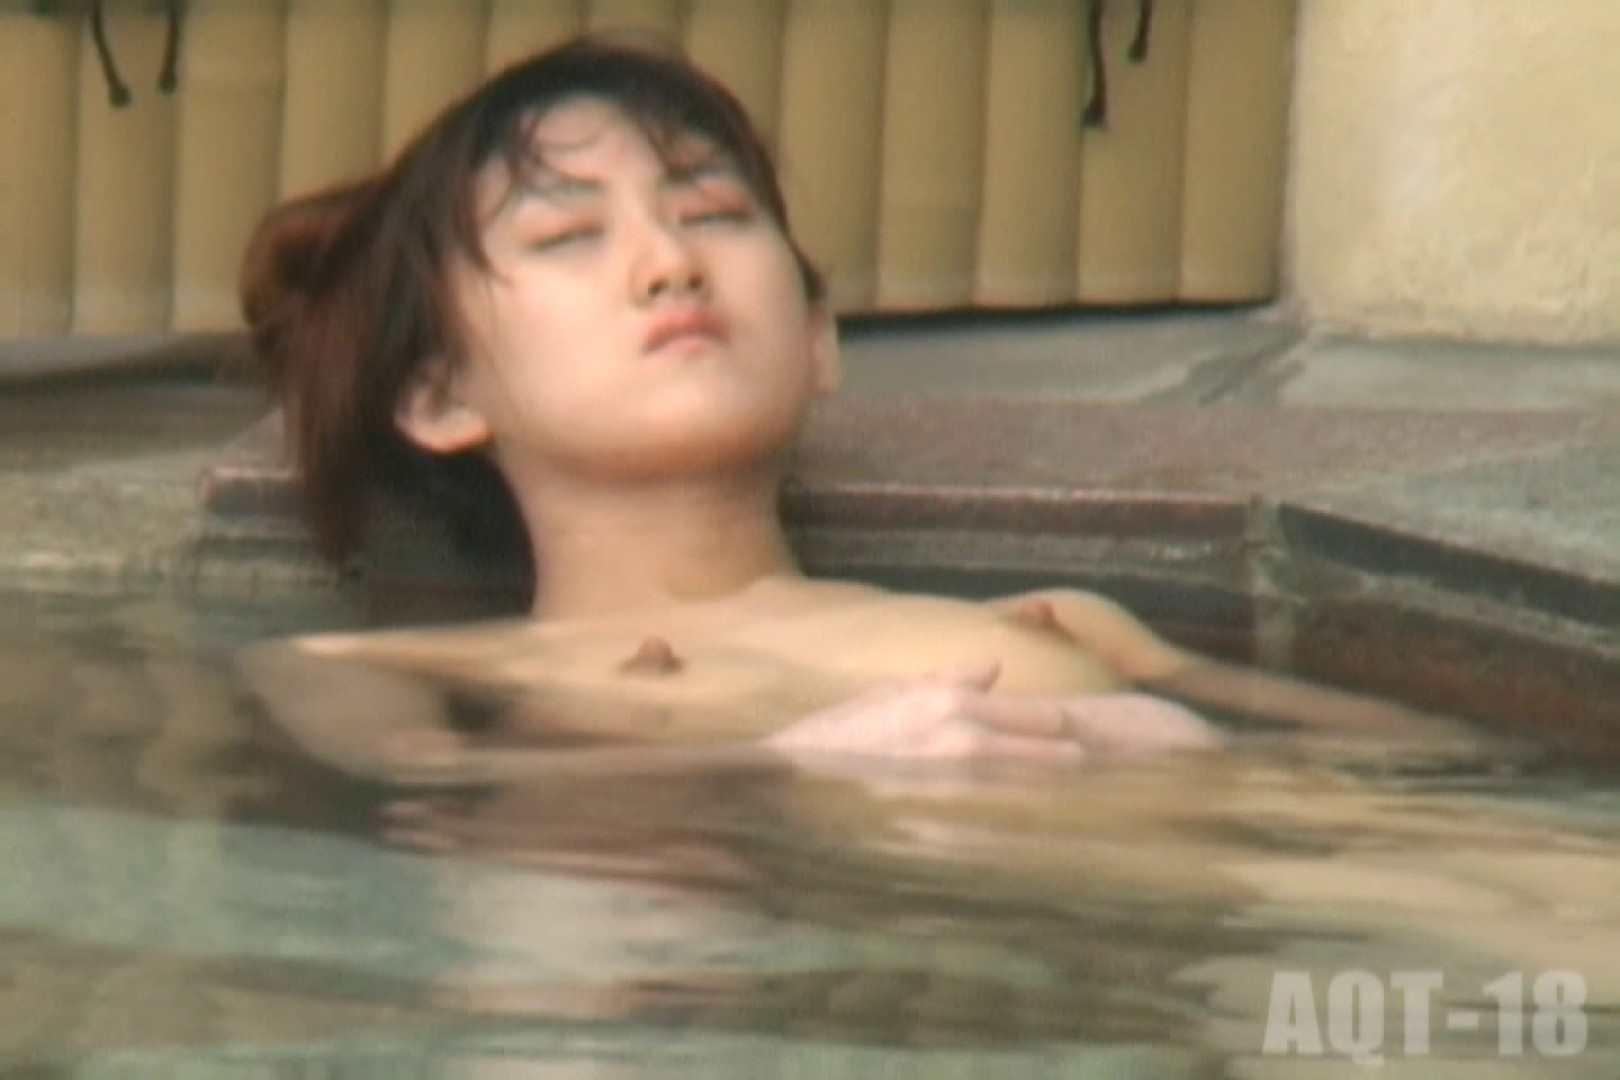 Aquaな露天風呂Vol.862 露天   OLエロ画像  92PICs 40